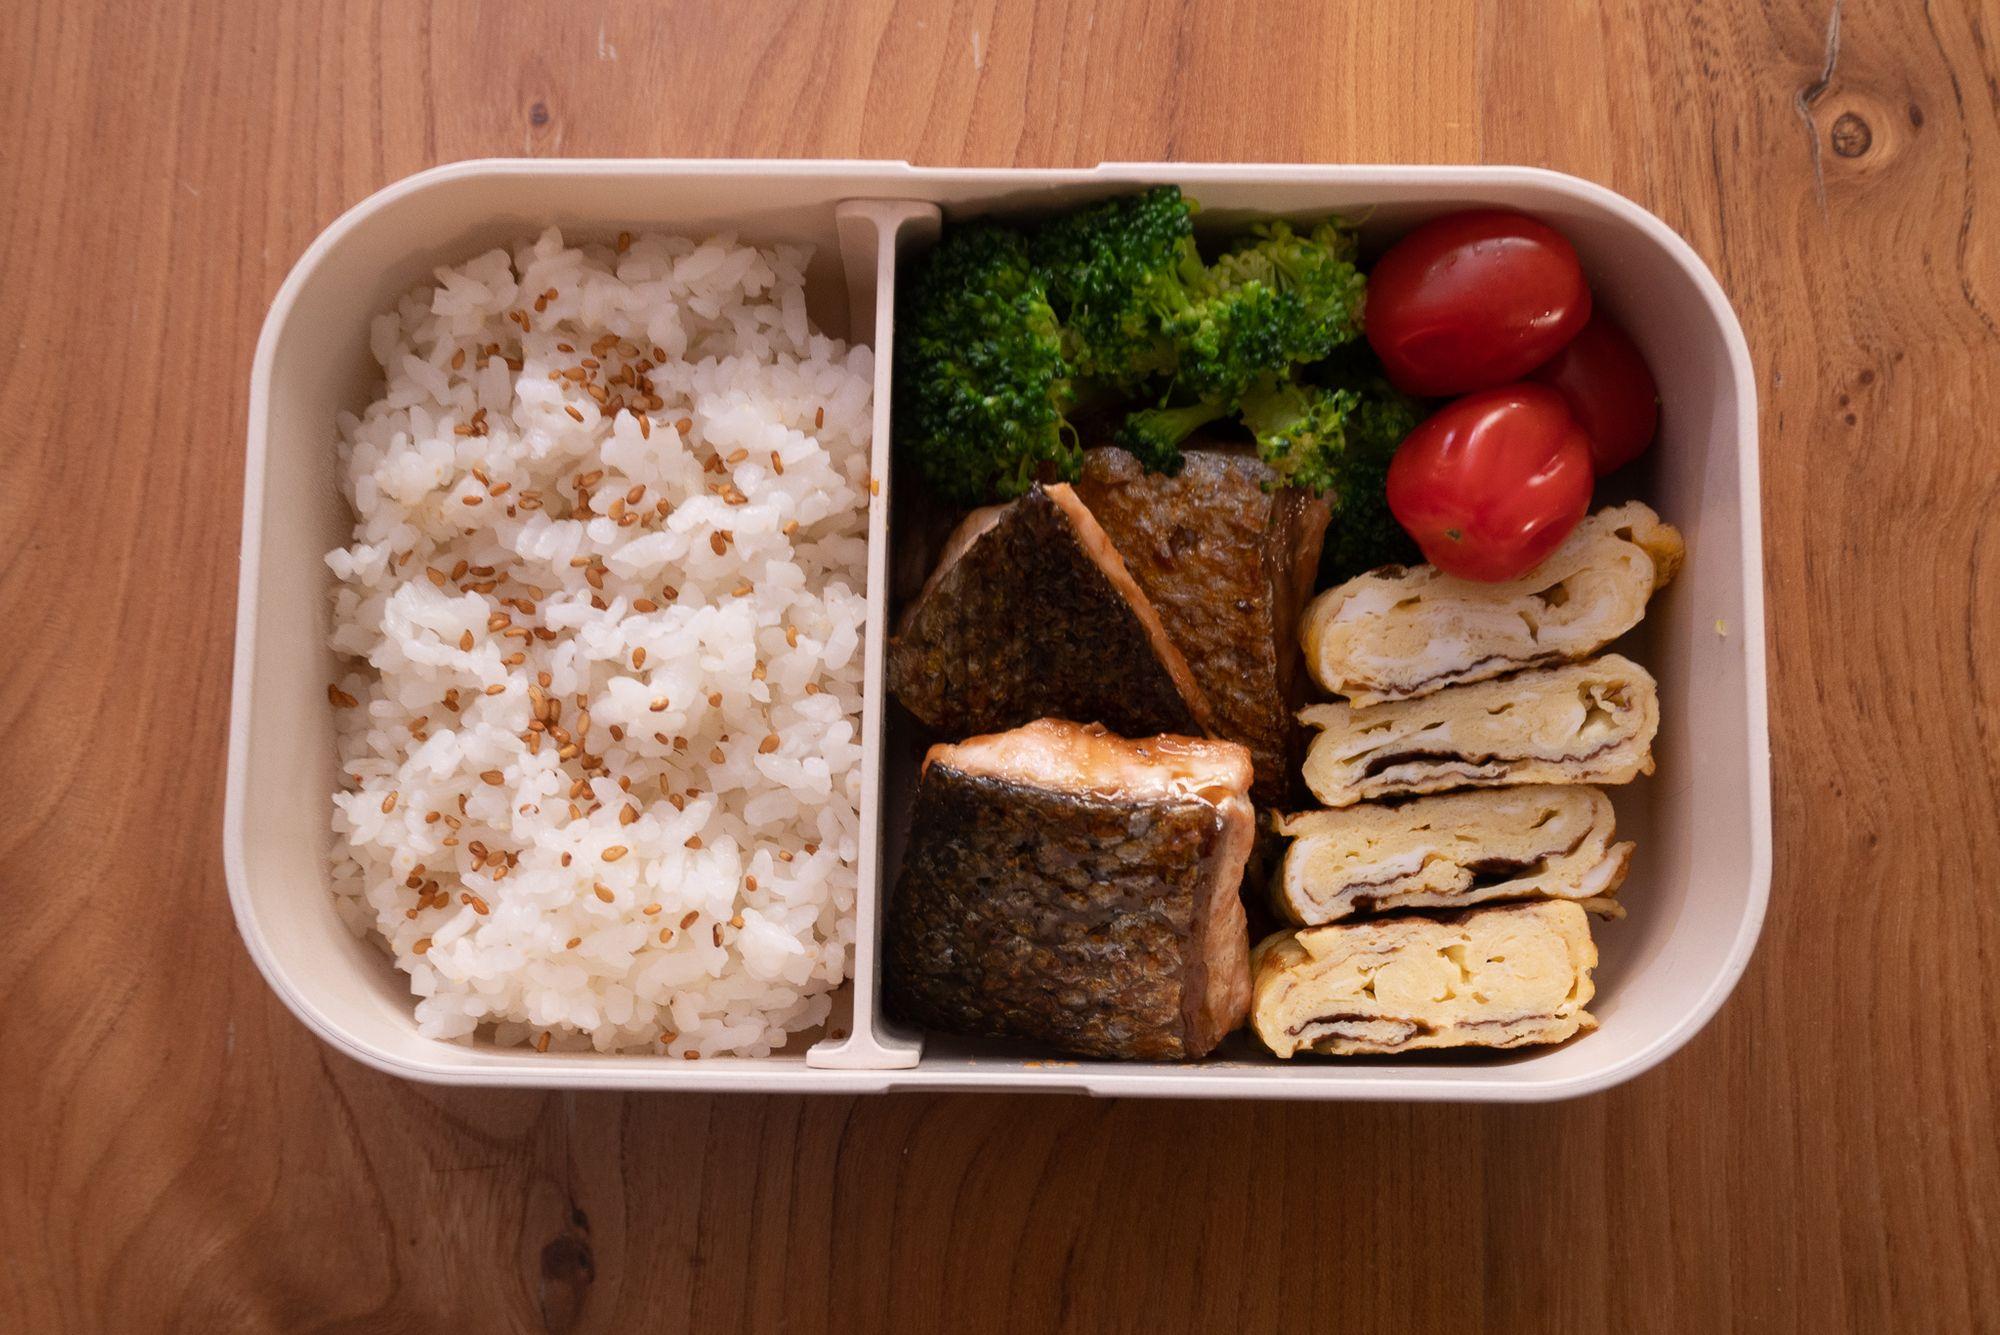 Today's salmon teriyaki and tamagoyaki